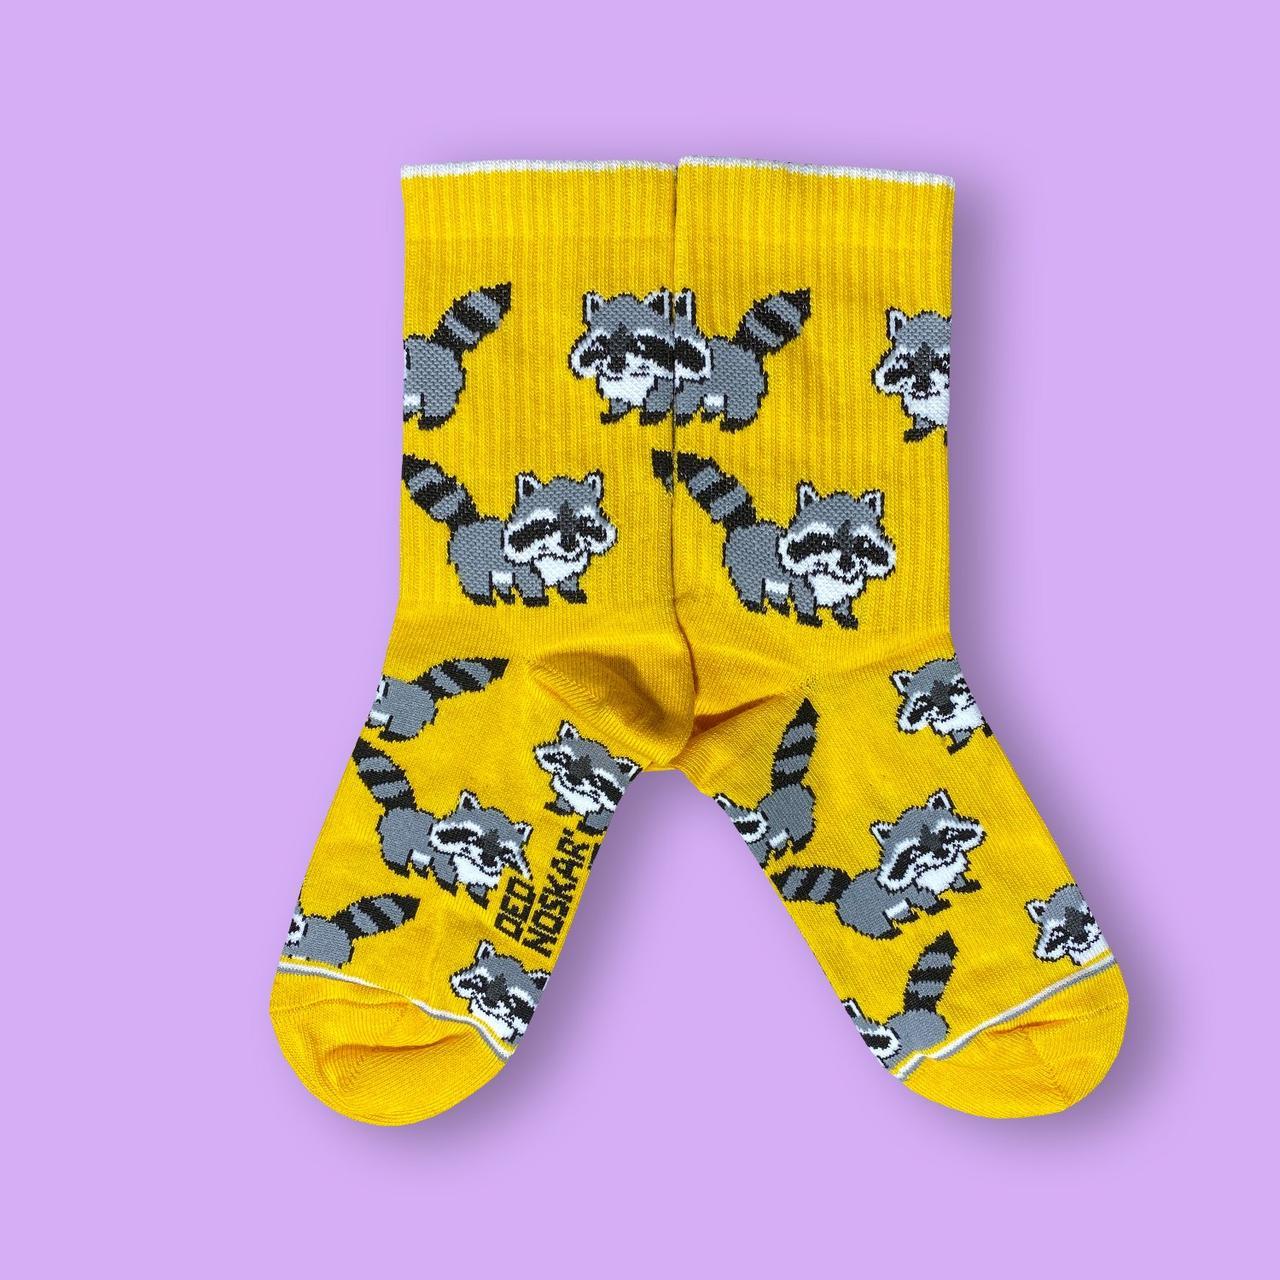 """Шкарпетки дитячі з високоякісної бавовни з оригінальним принтом """"Еноти"""""""